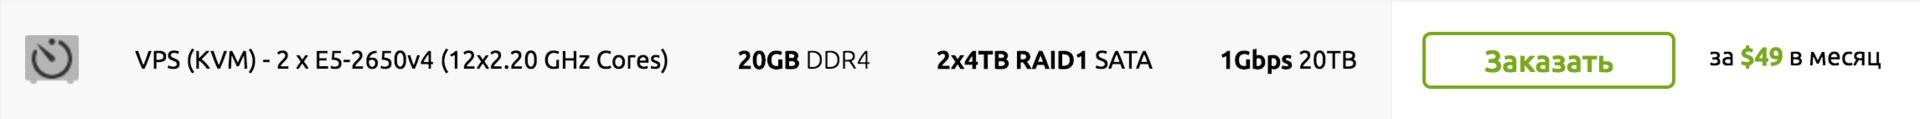 О восстановлении. Целесообразен ли RAID на VPS SSD в случае выделенных накопителей? Аналог сервера до февраля бесплатно - 4